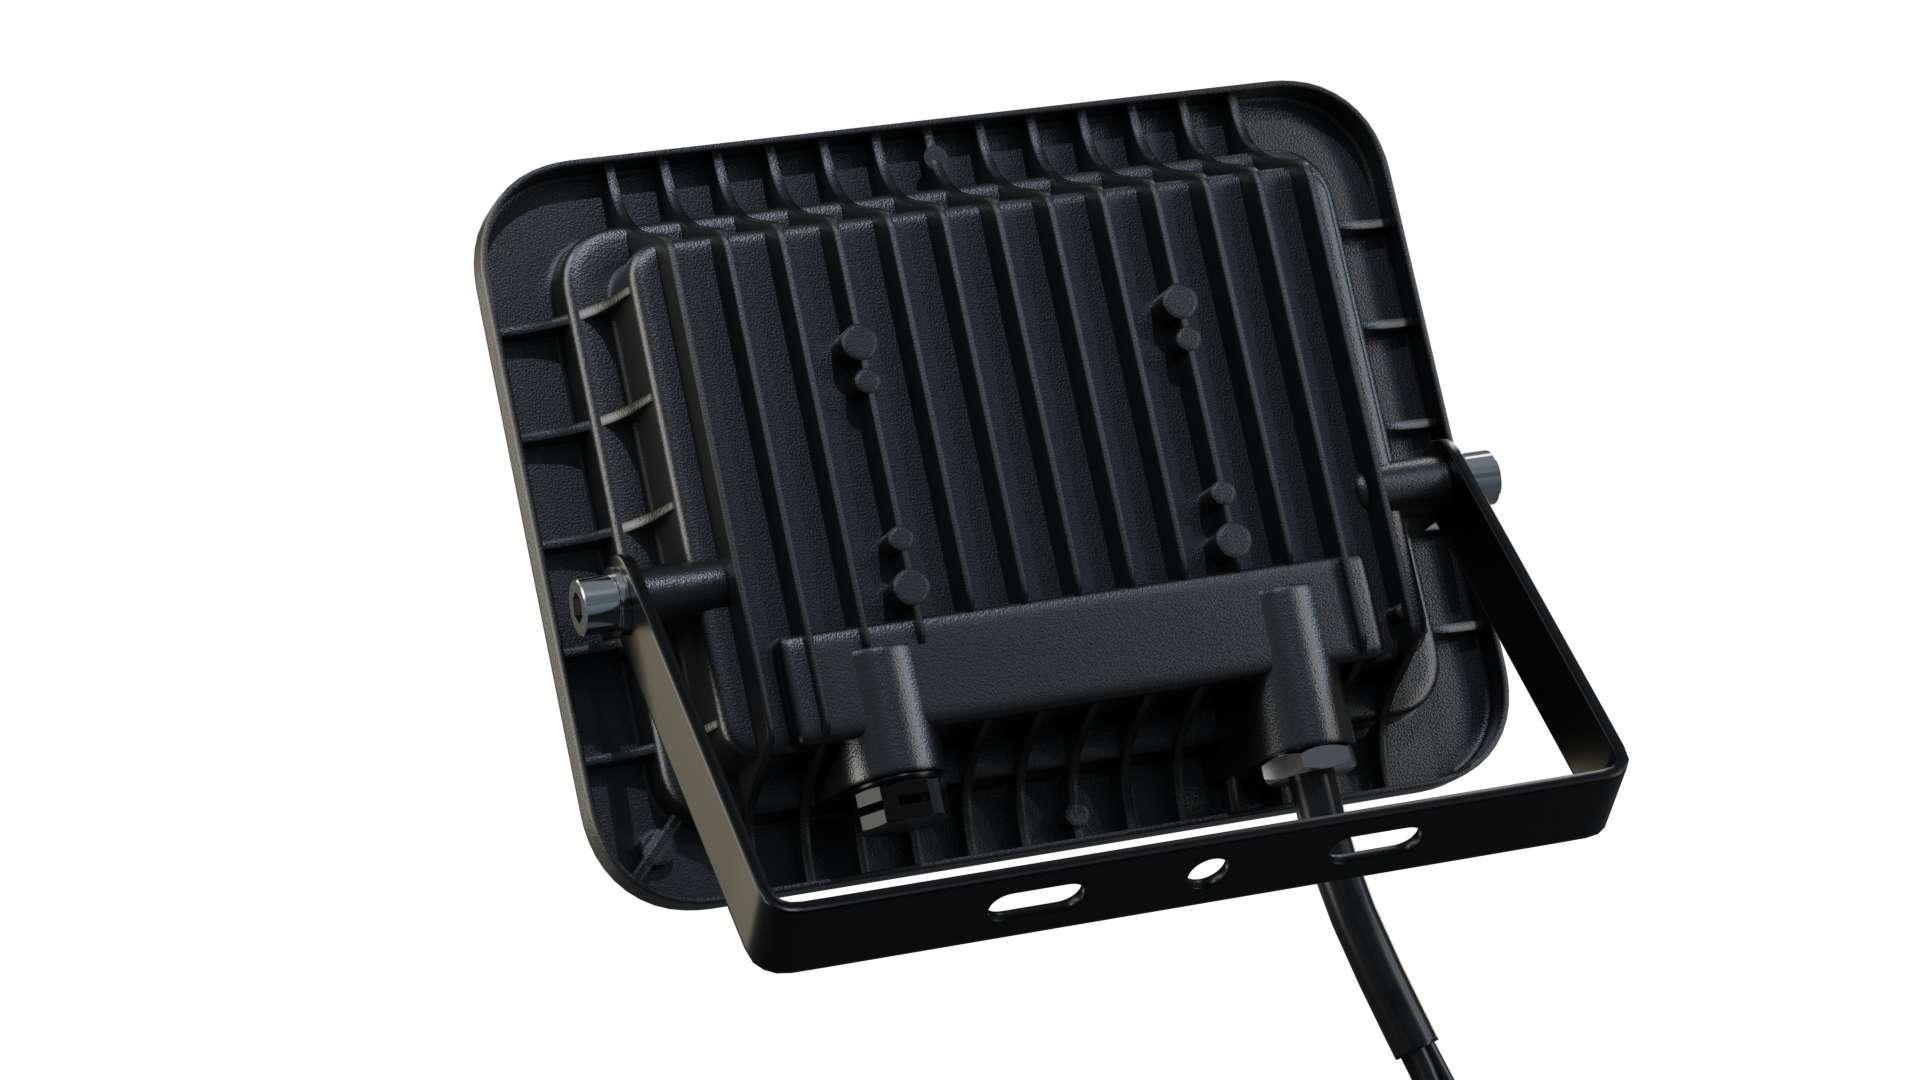 Naświetlacz LED 3Y 30W NW SMD IP65 SLIM, czarny